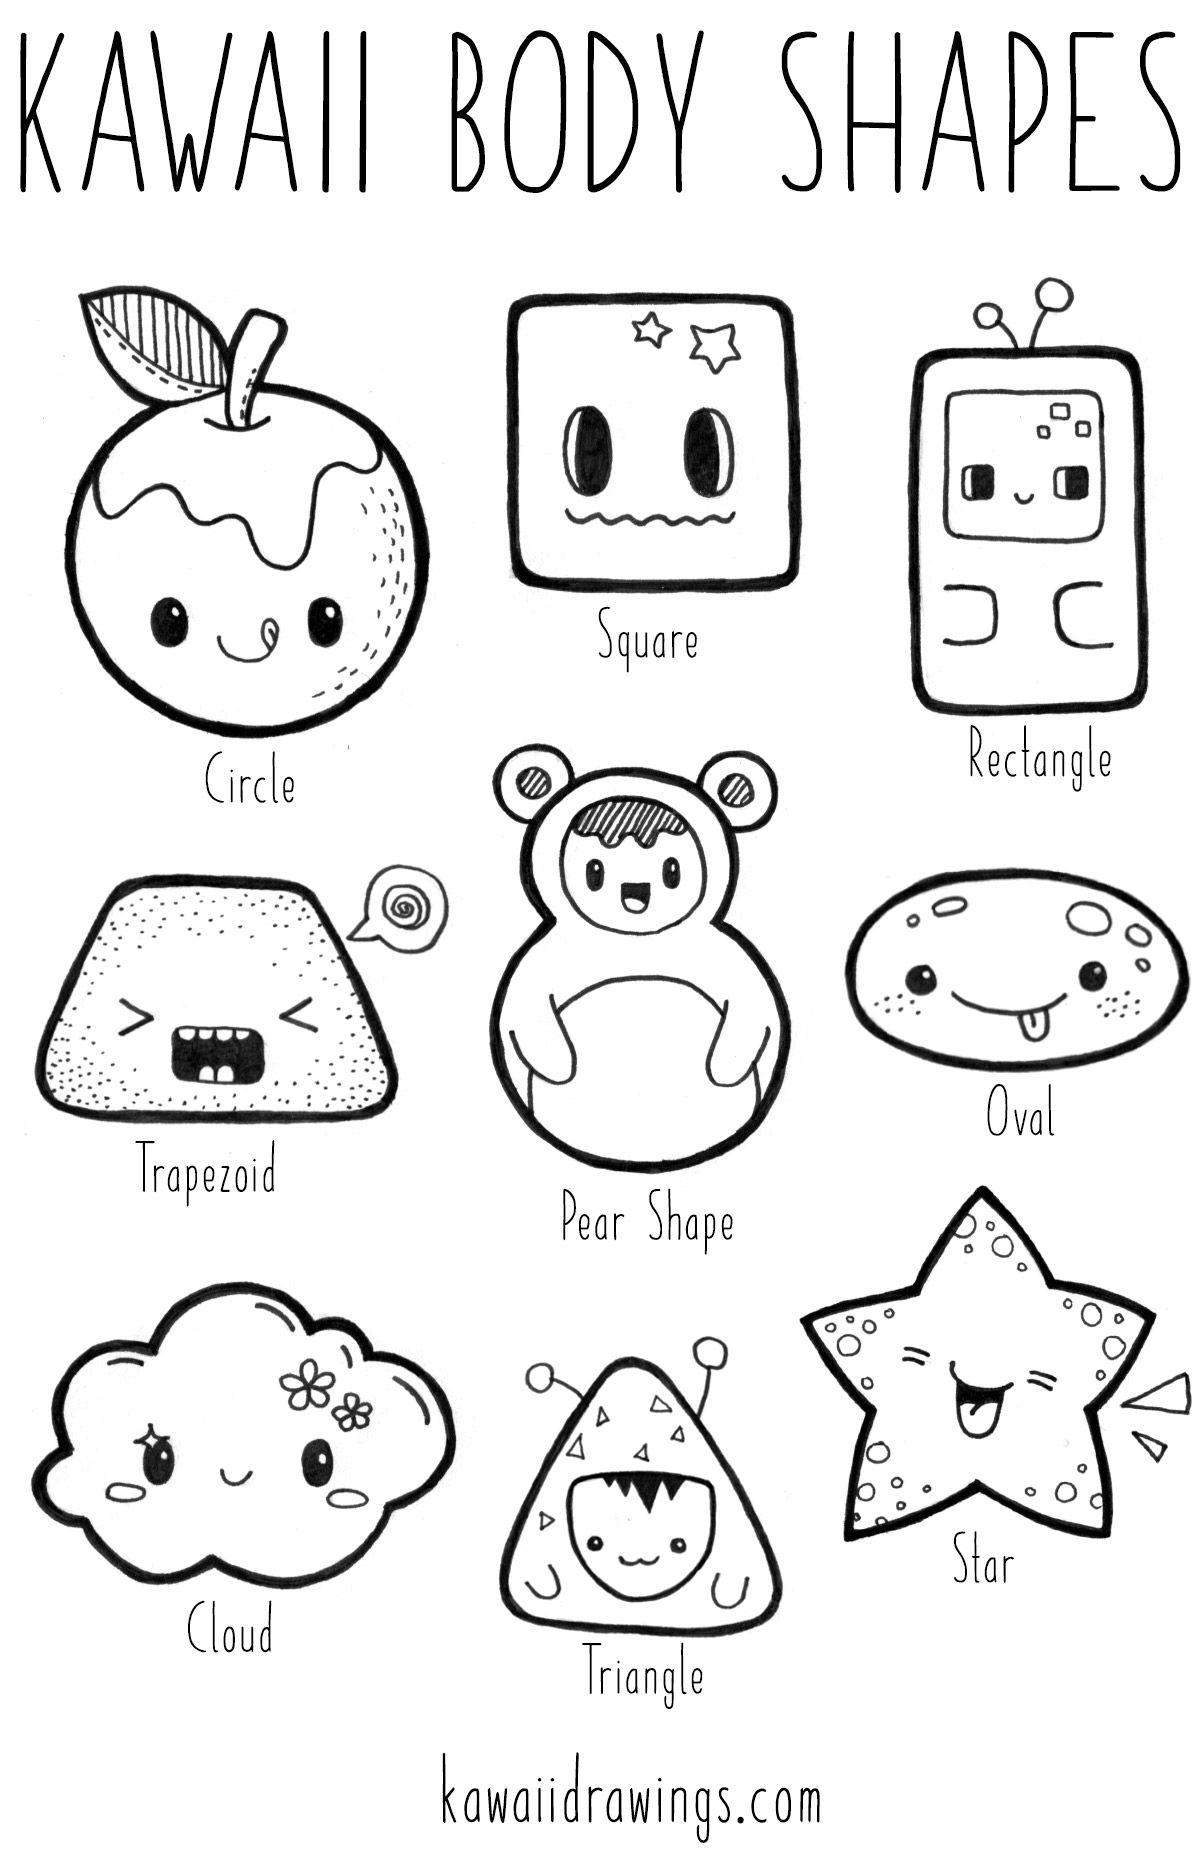 Kawaii Body Shapes And Character Design Week 15